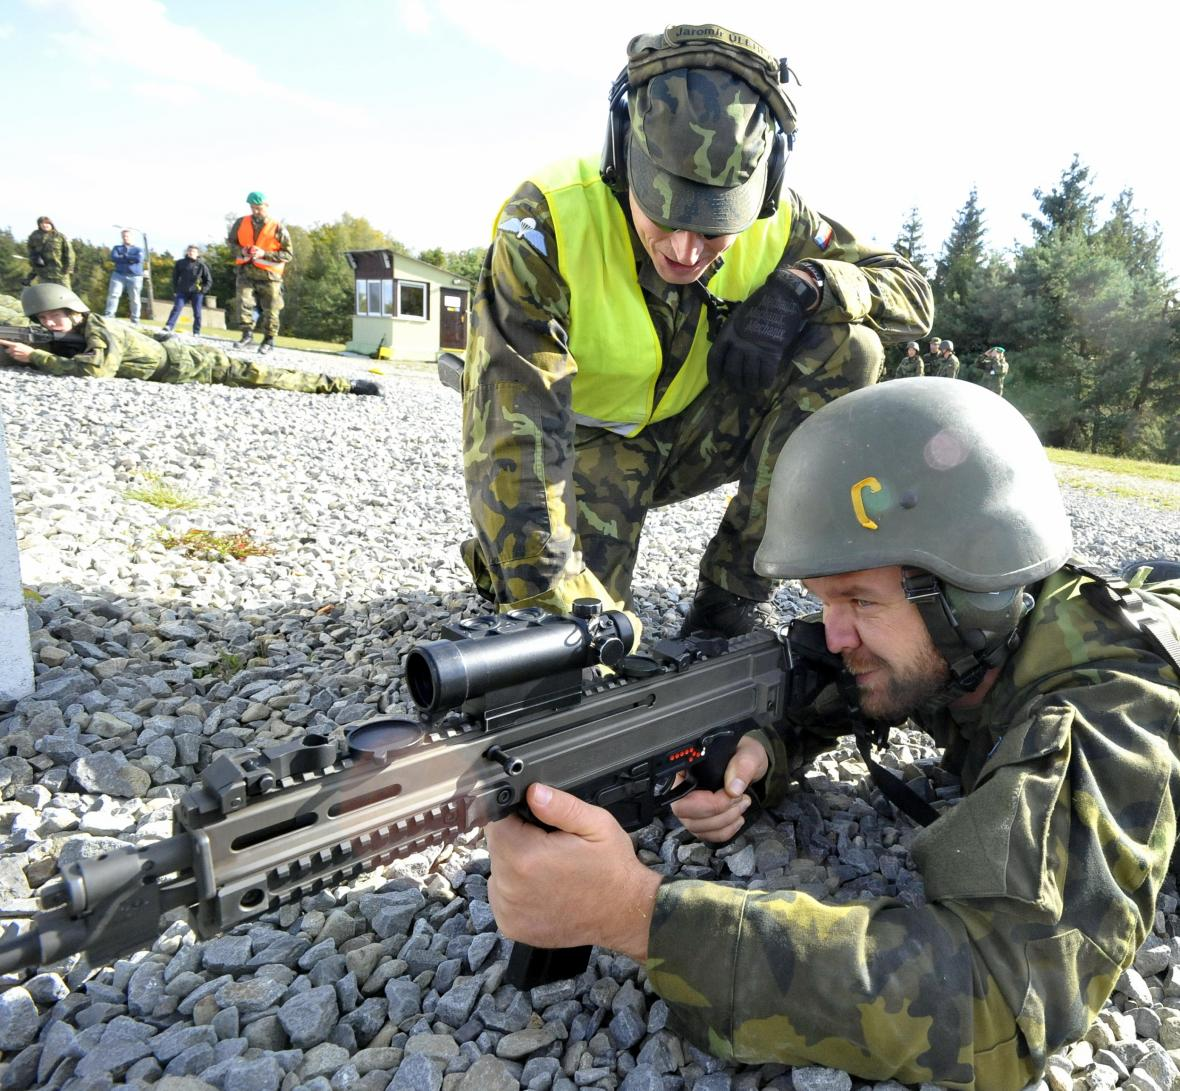 Nejmenší český vojenský újezd Březina, byl otevřený před 70 lety